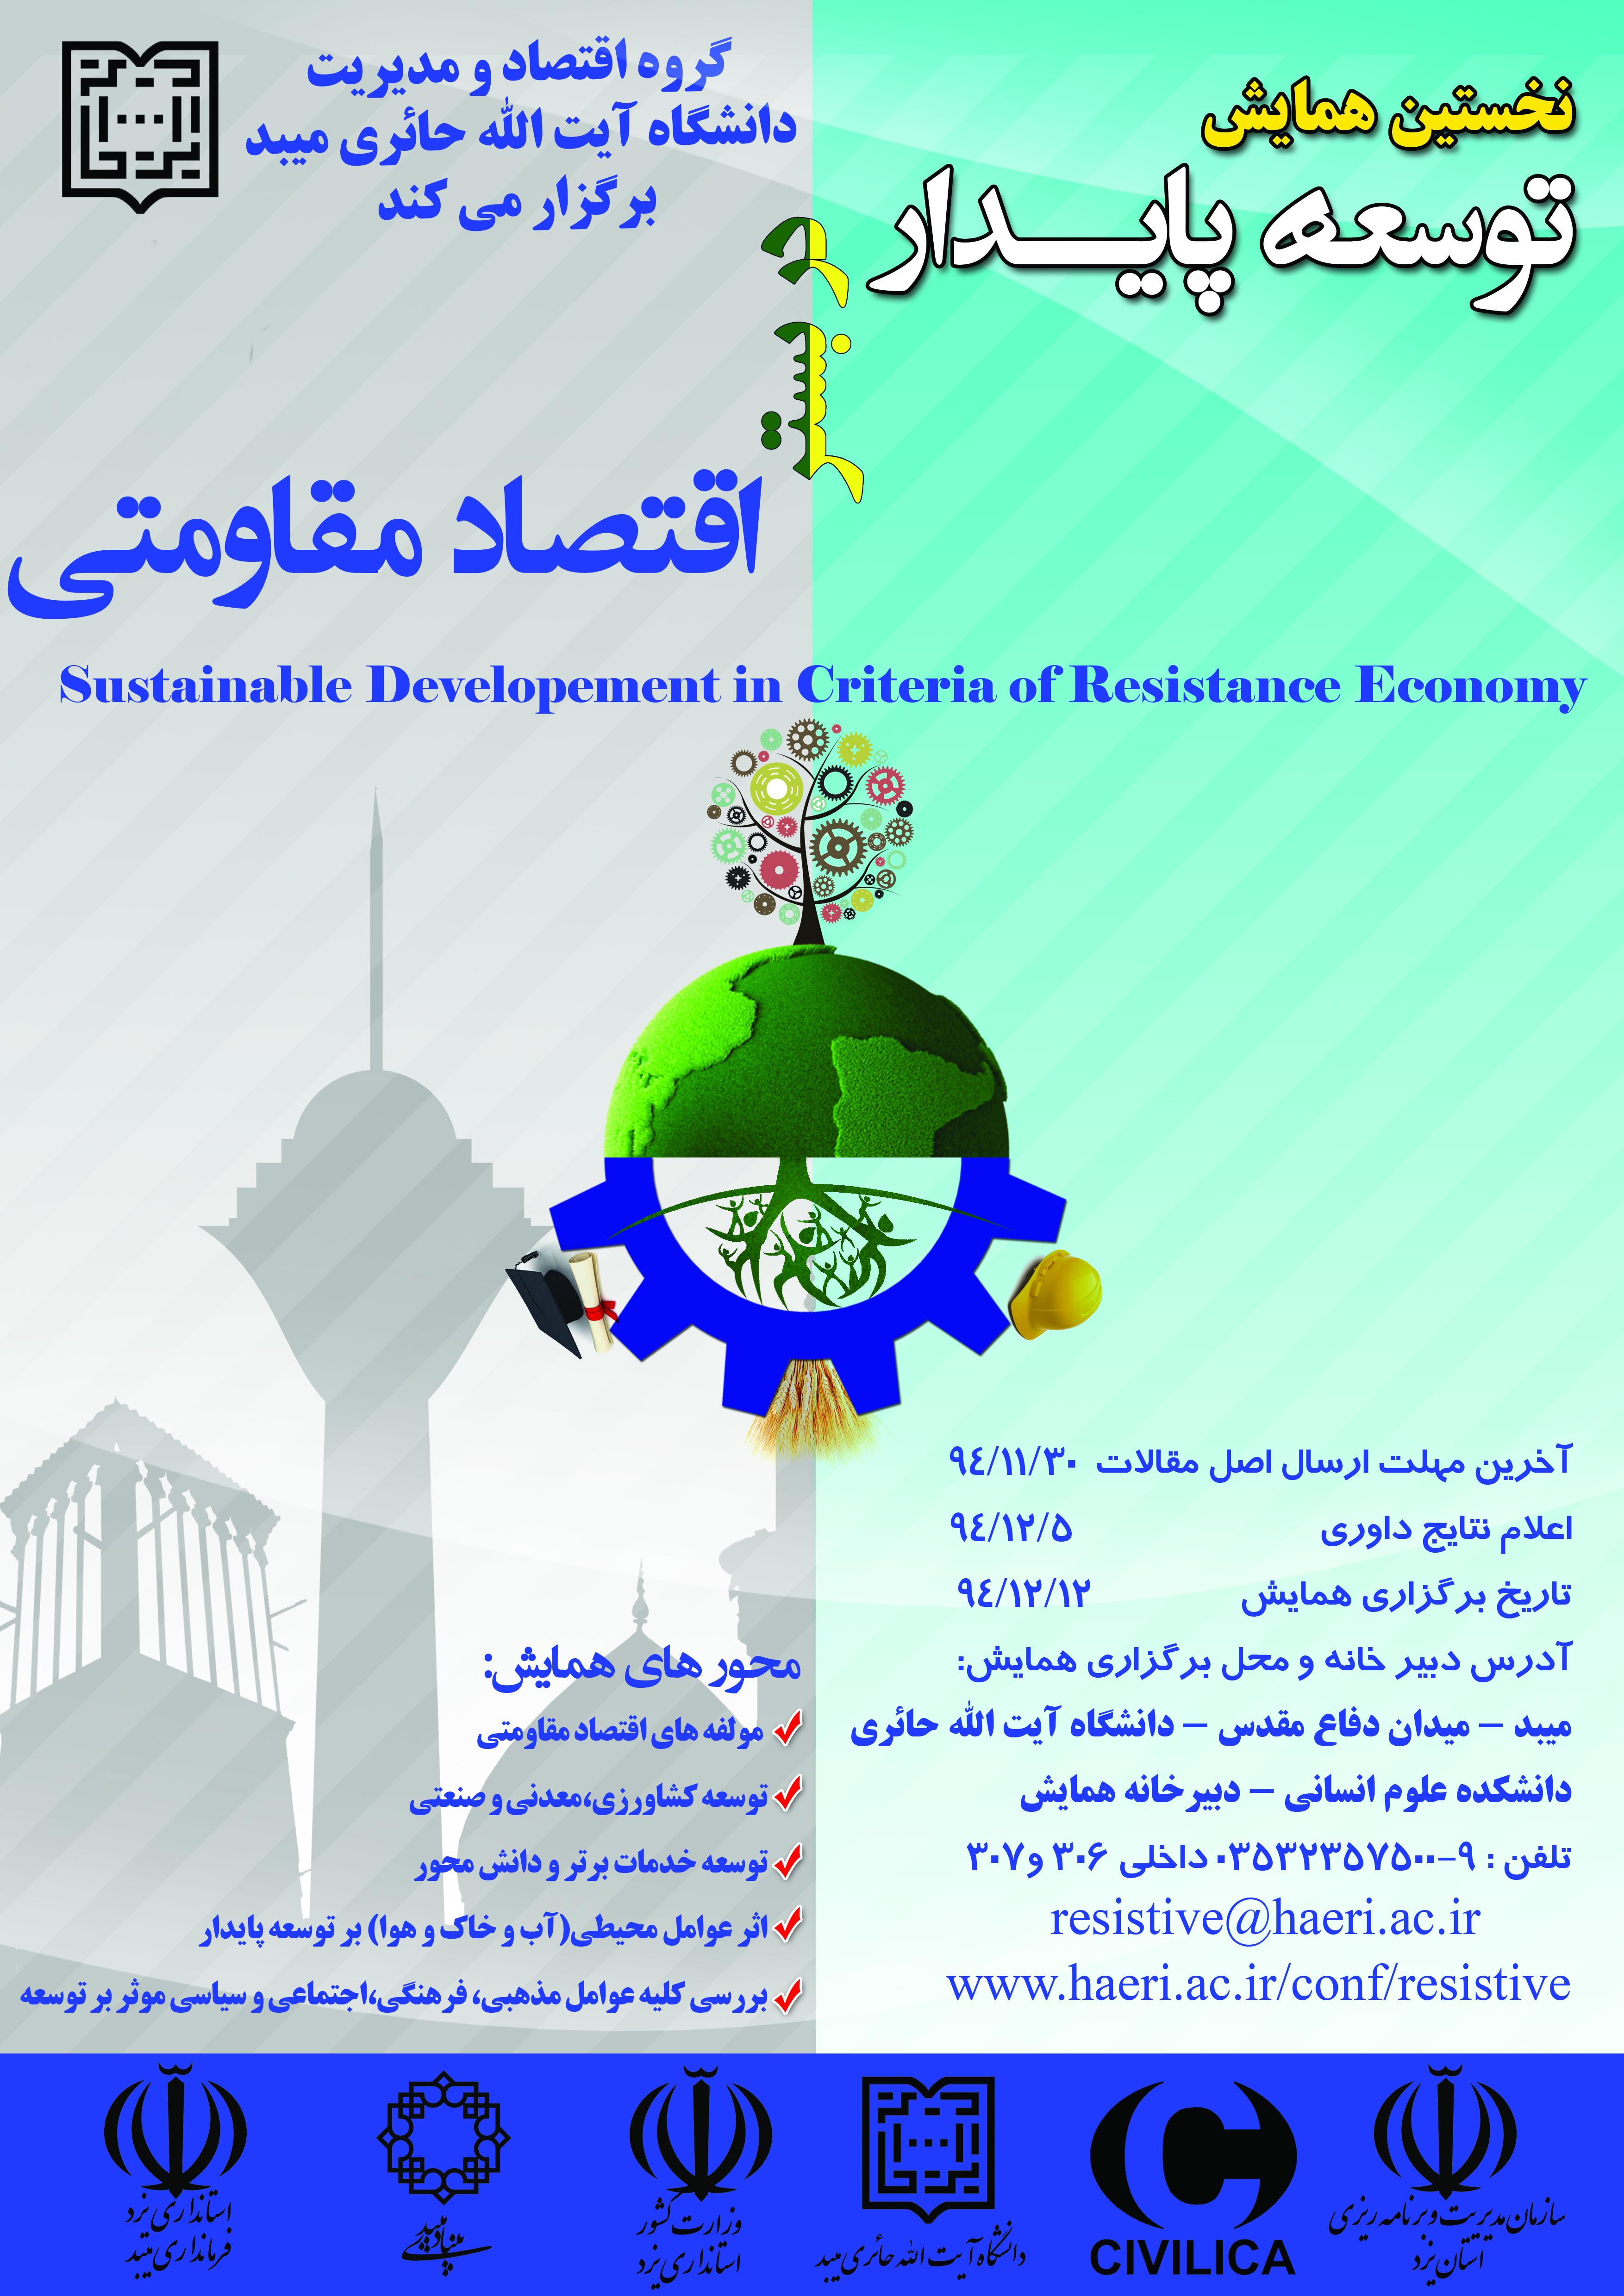 پوستر نخستین همایش توسعه پایدار استان یزد در بستر اقتصاد مقاومتی